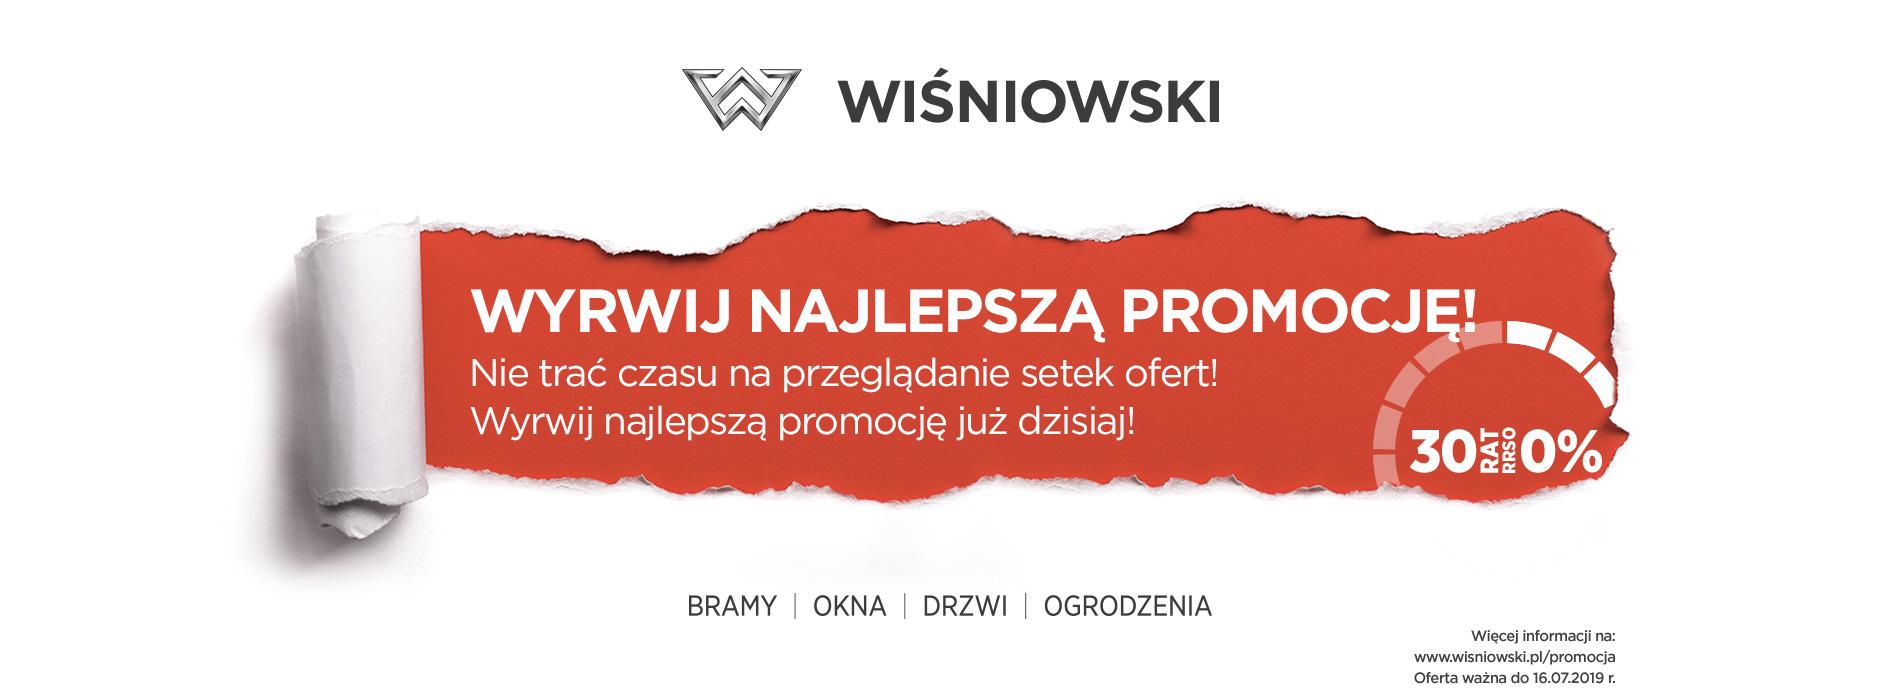 promocje okna drzwi Białystok